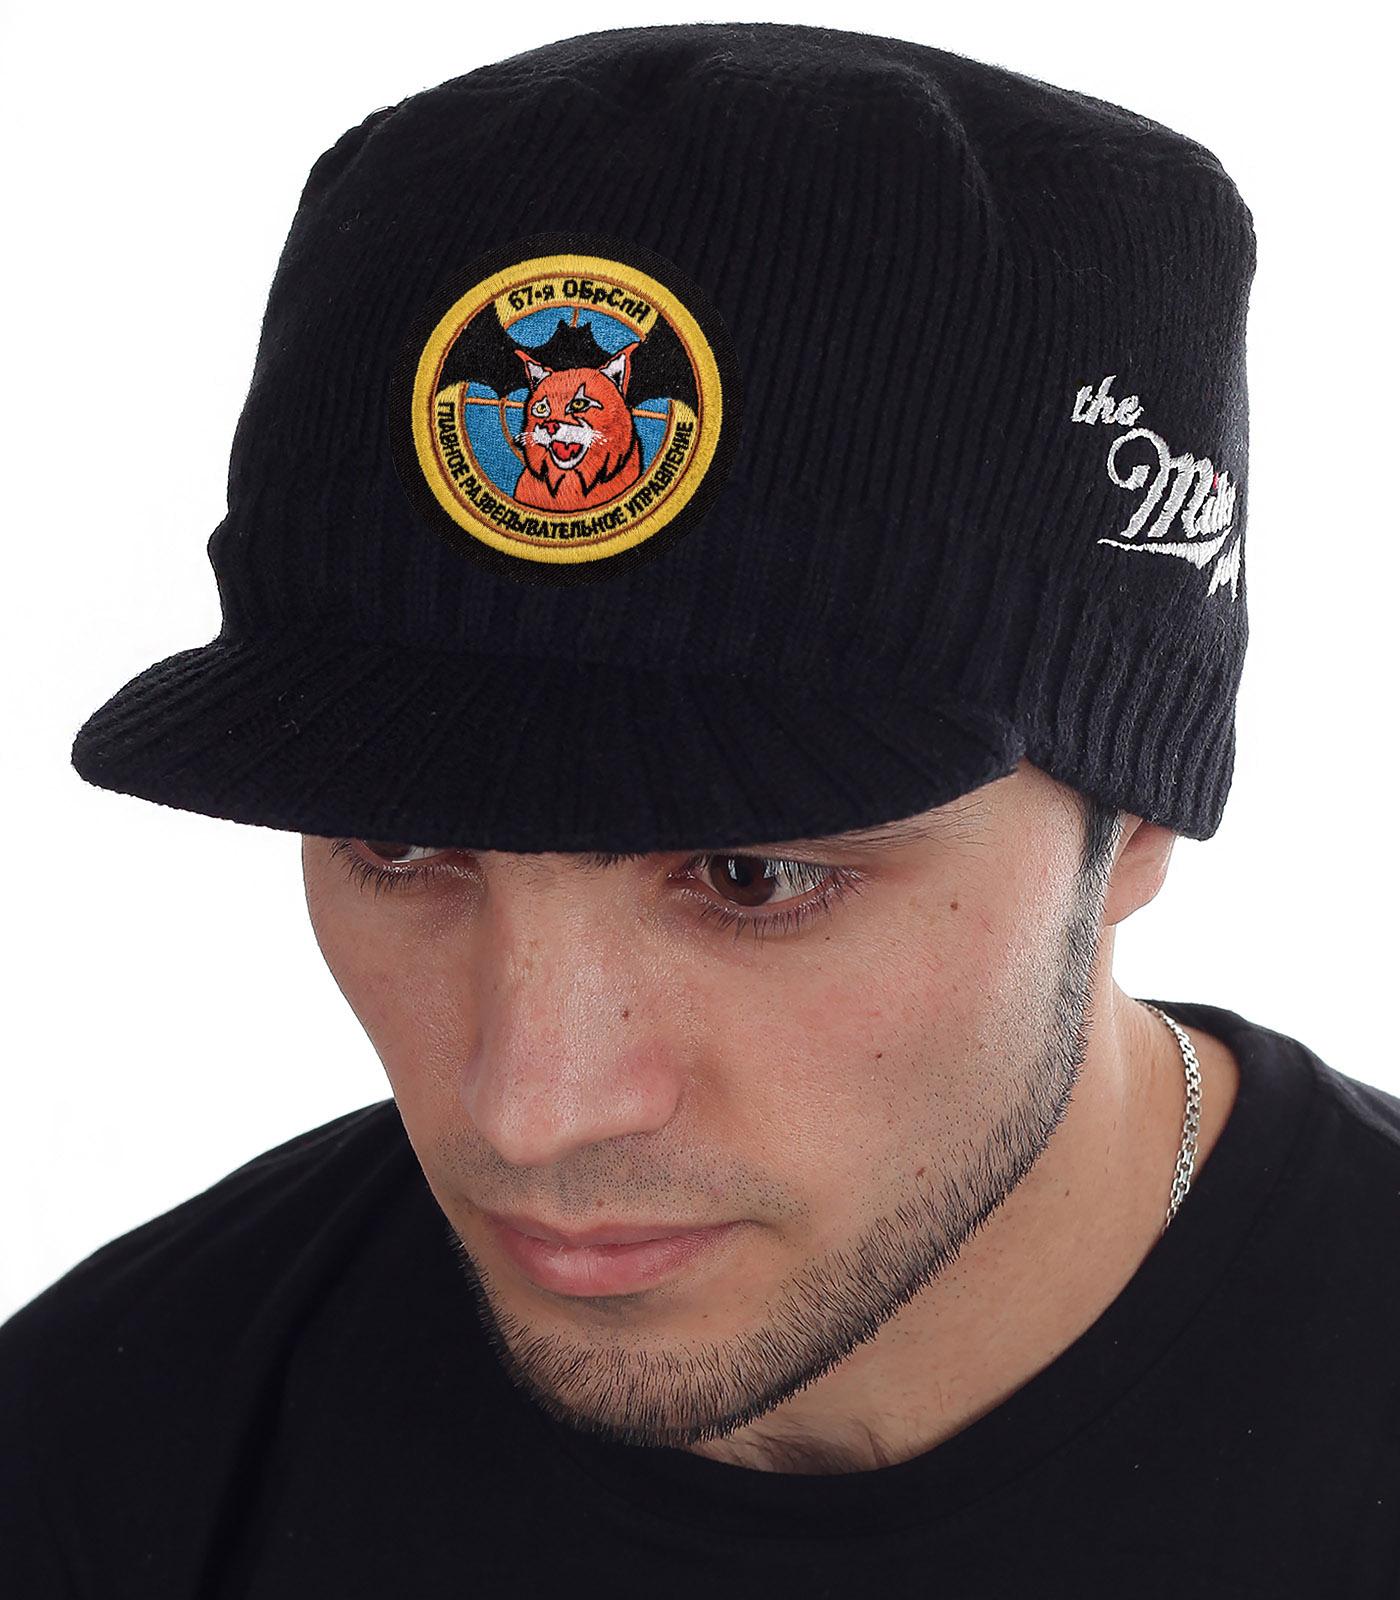 Демисезонная шапка-кепка от бренда Miller - заказать оптом